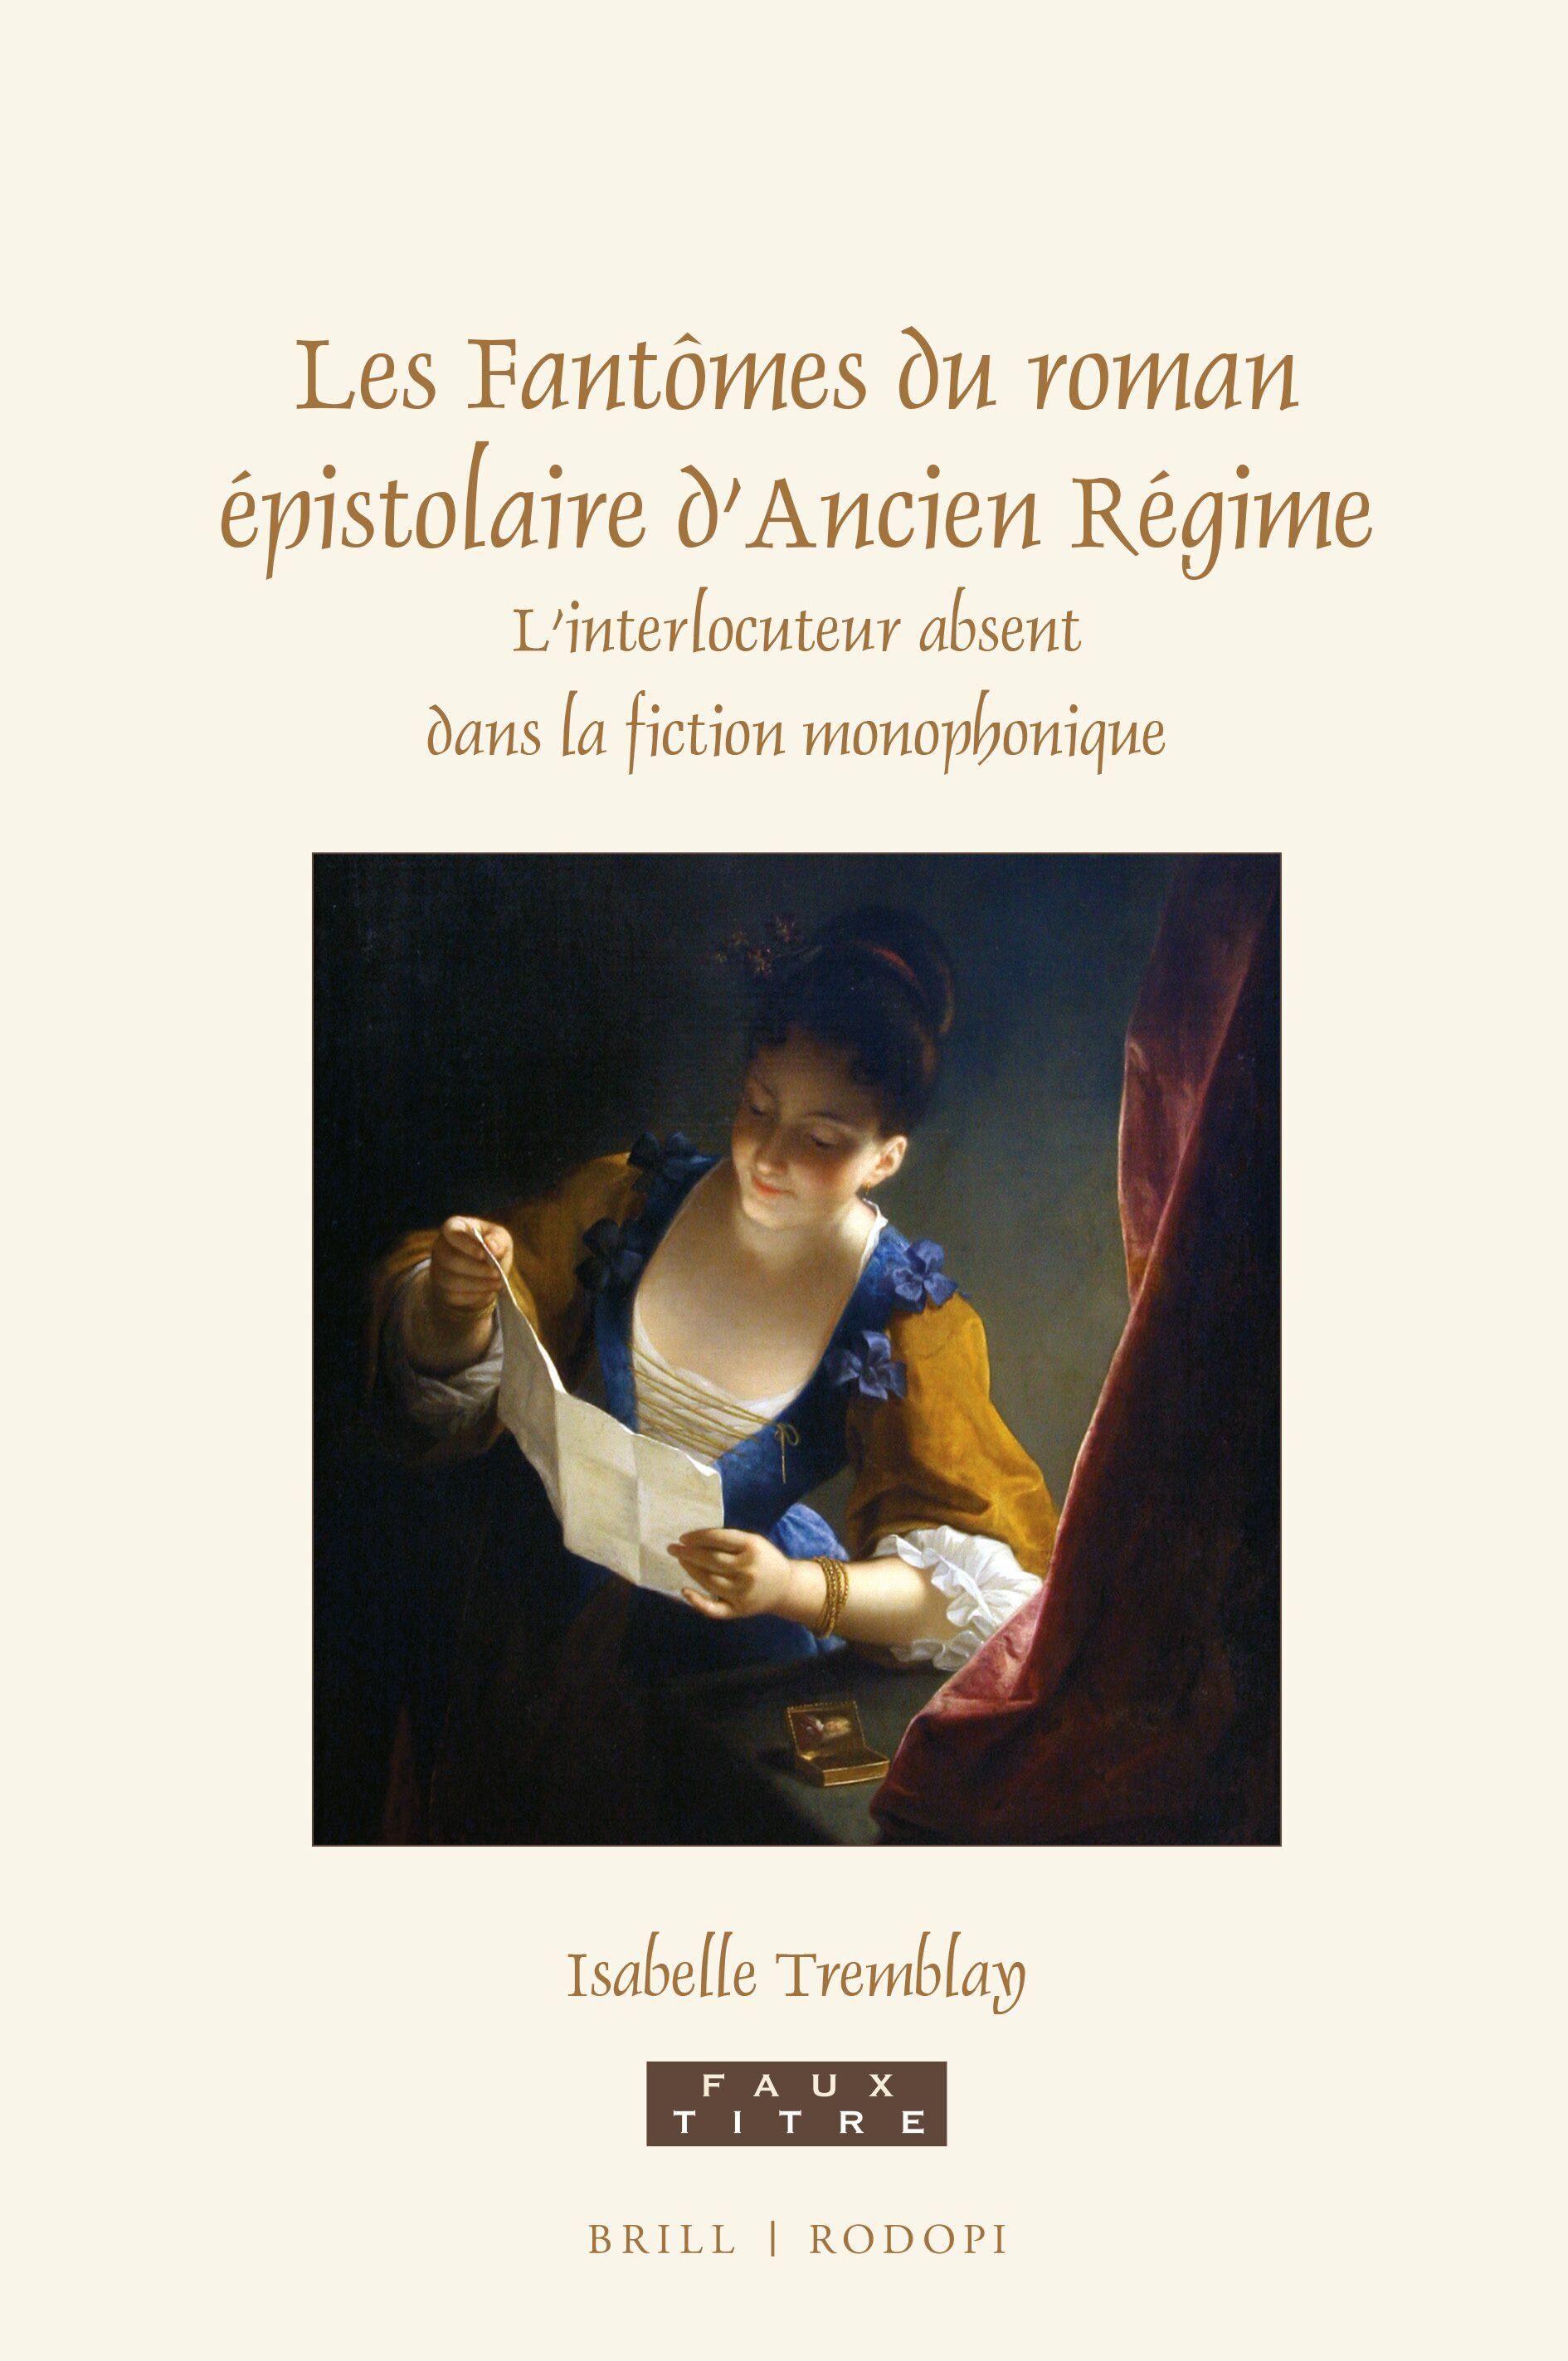 évocation Implicite De L Interlocuteur Absent In Les